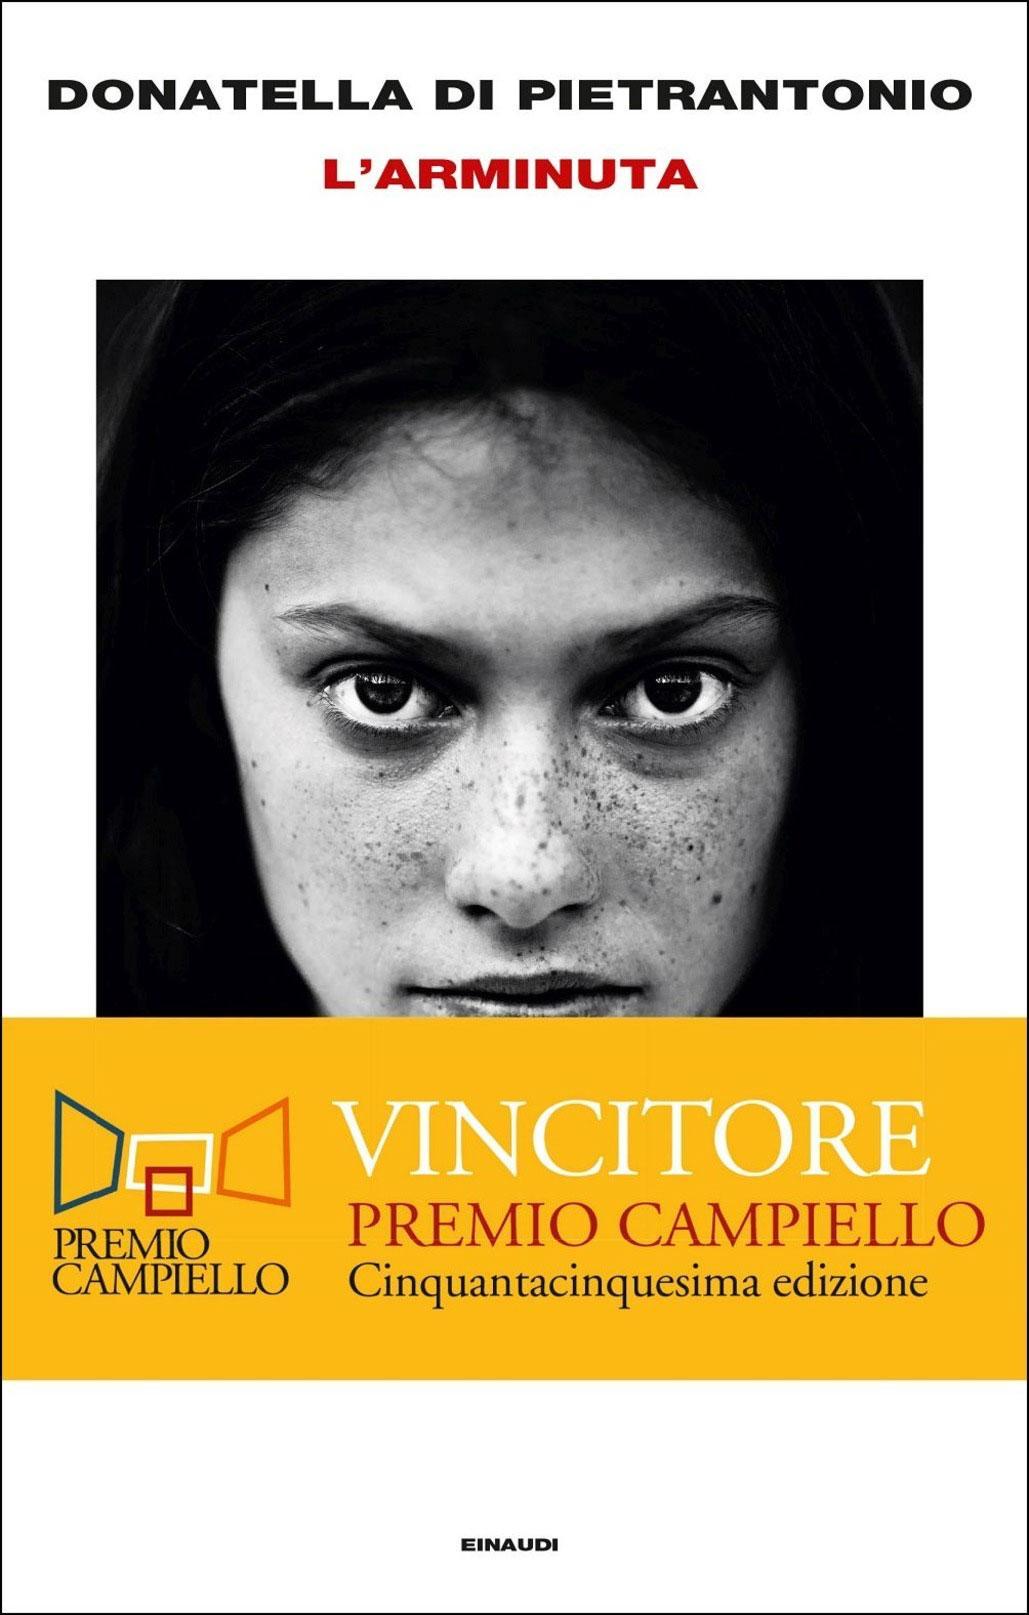 Donatella Di Pietrantonio